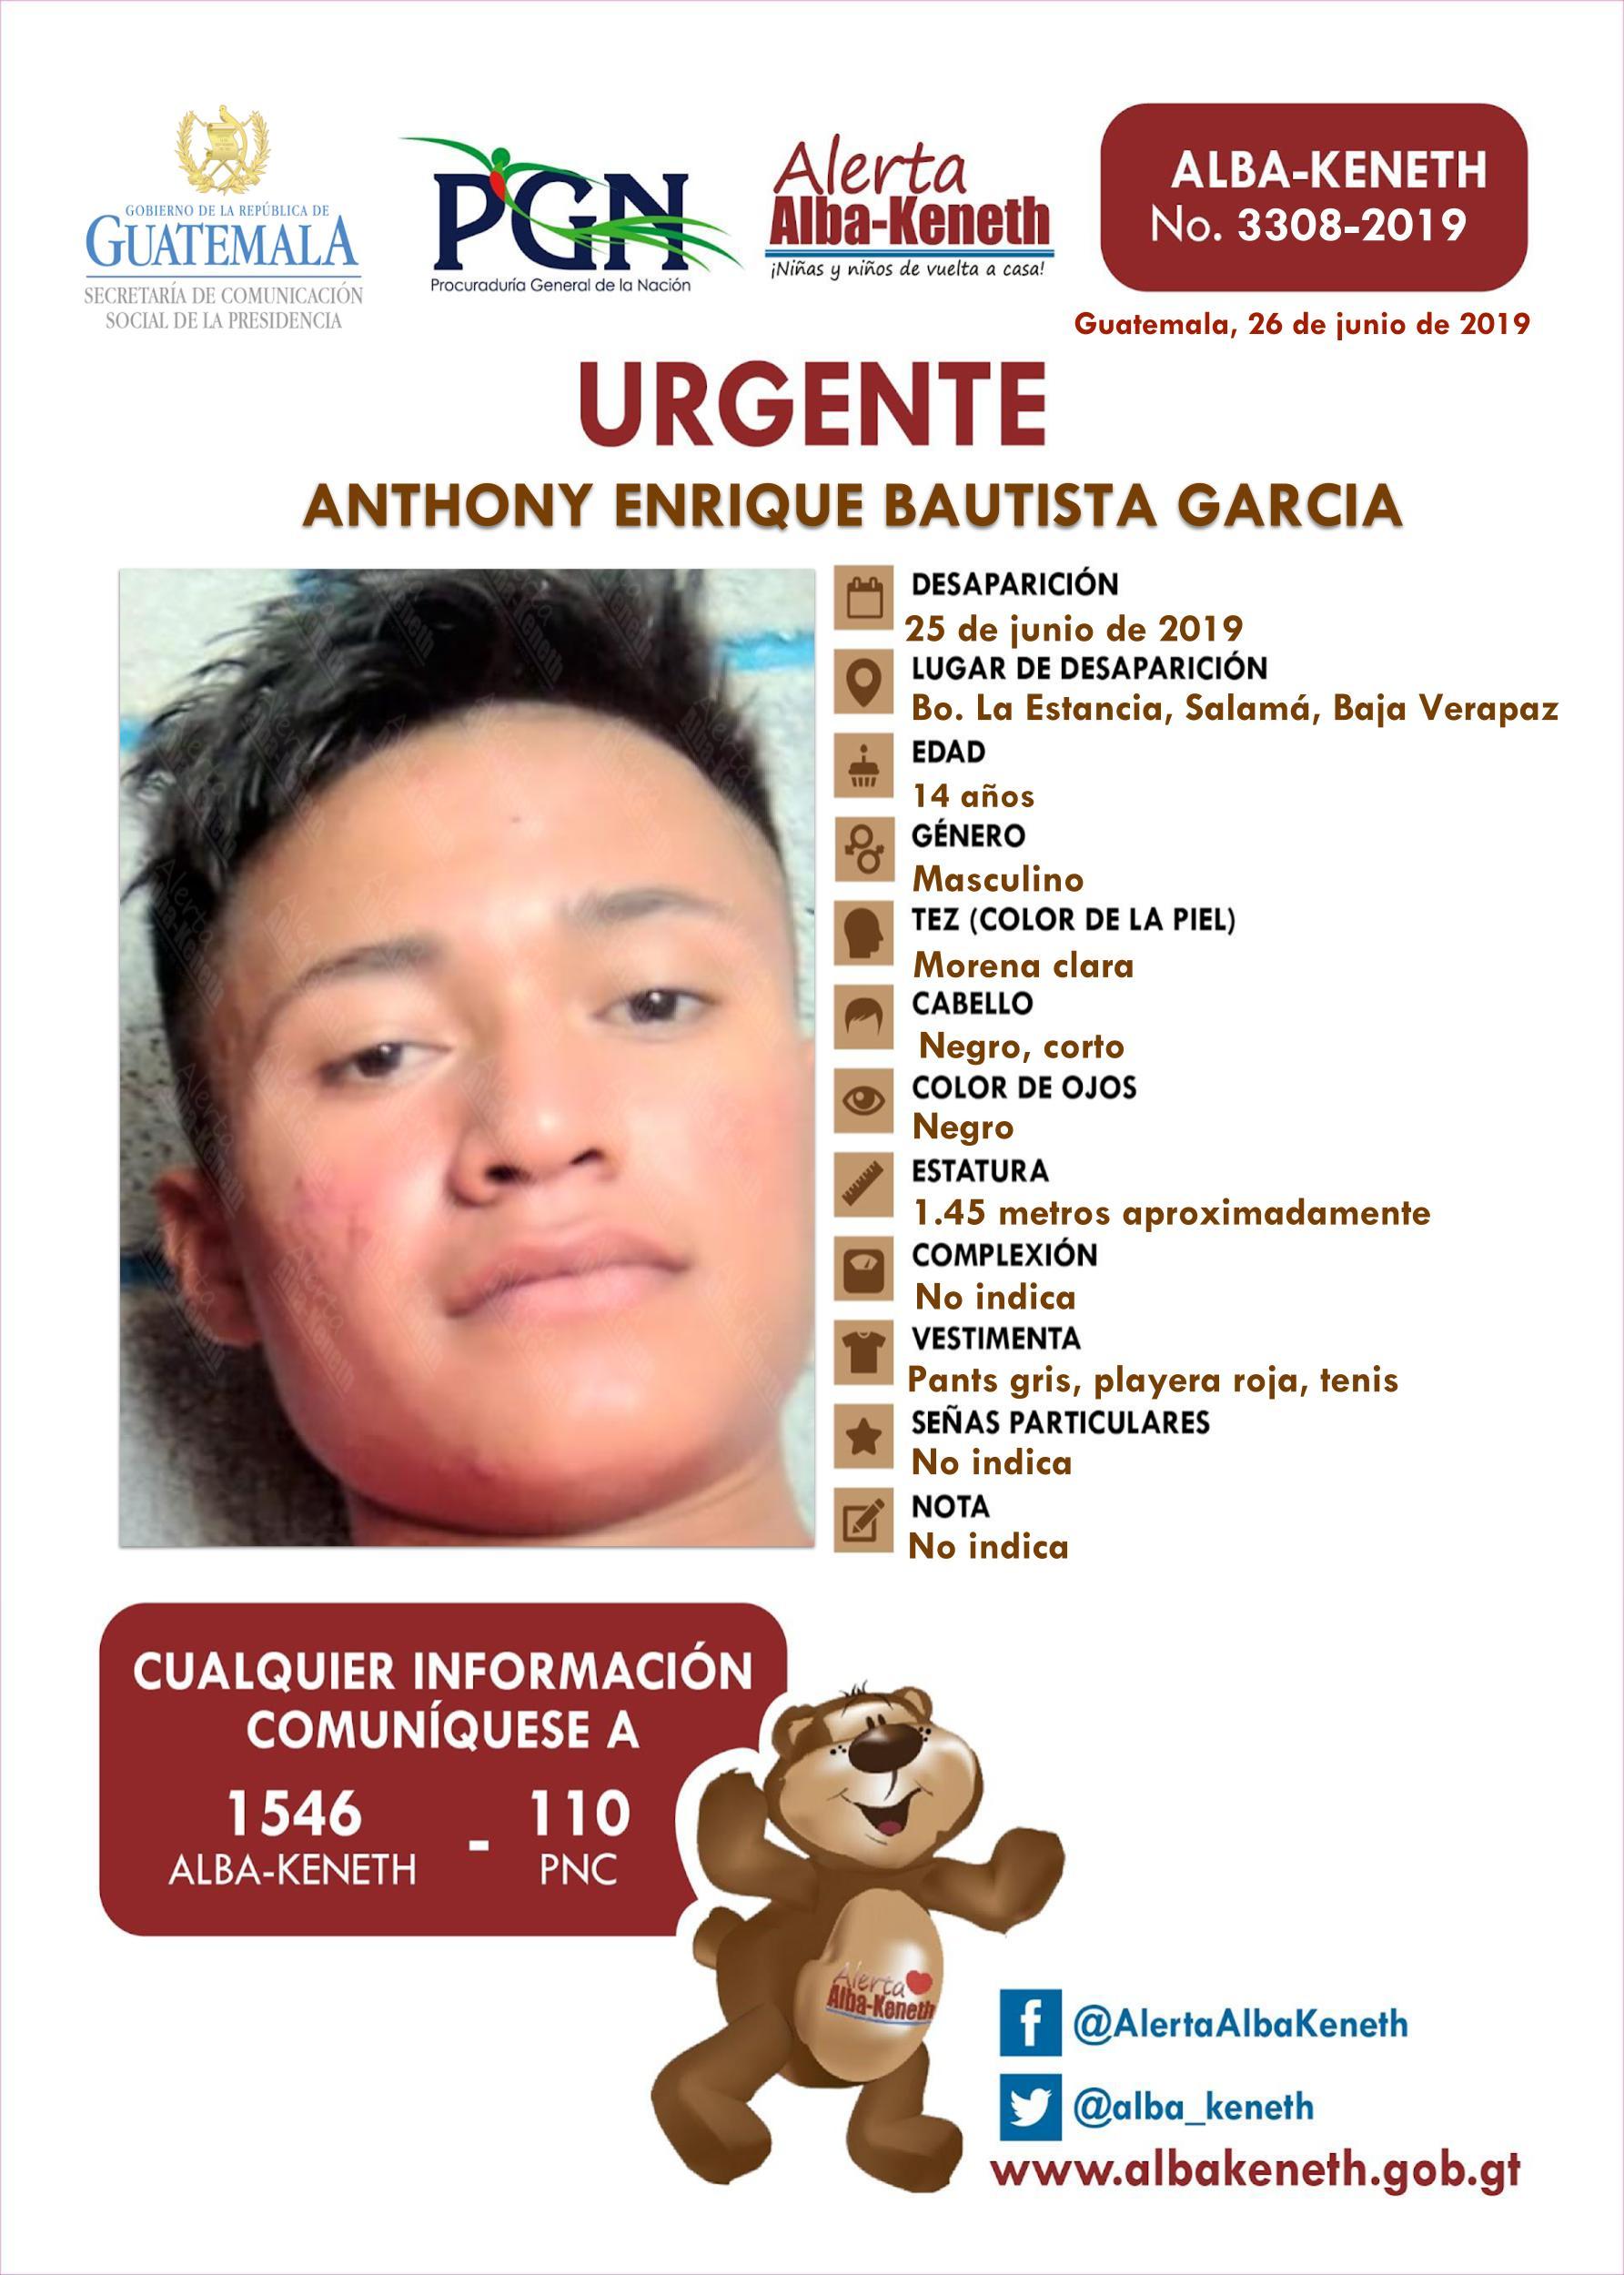 Anthony Enrique Bautista Garcia